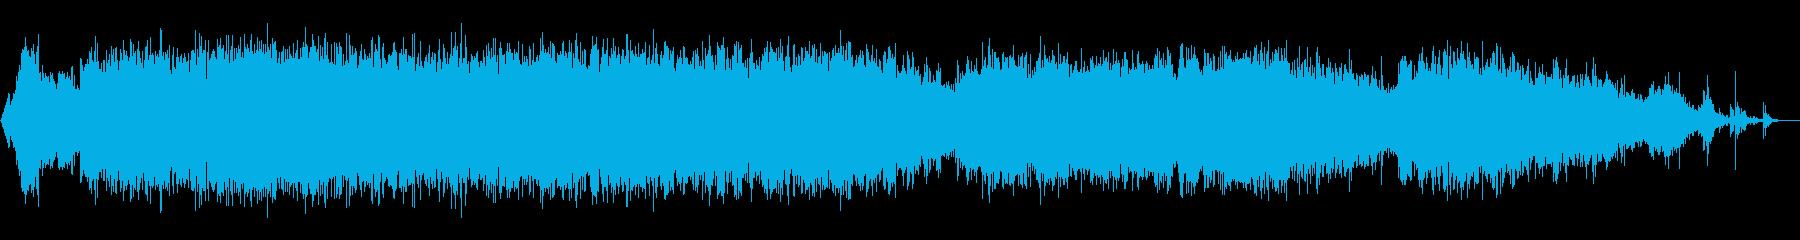 MEDIUM STUDIO AUD...の再生済みの波形